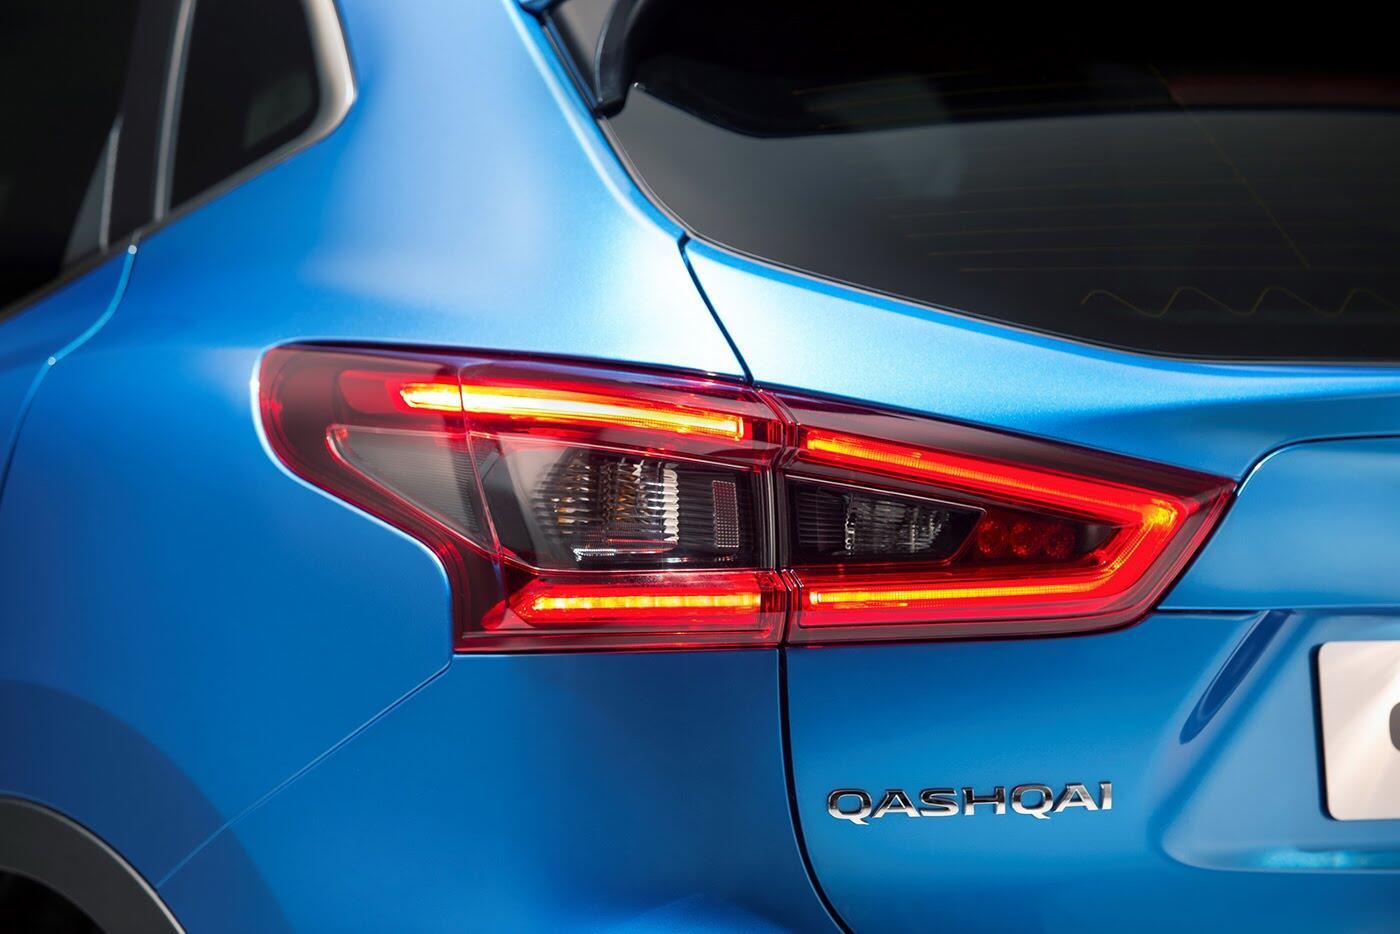 """Nissan Qashqai 2017 chính thức """"mở bán"""", giá hơn 25.000 USD - Hình 9"""